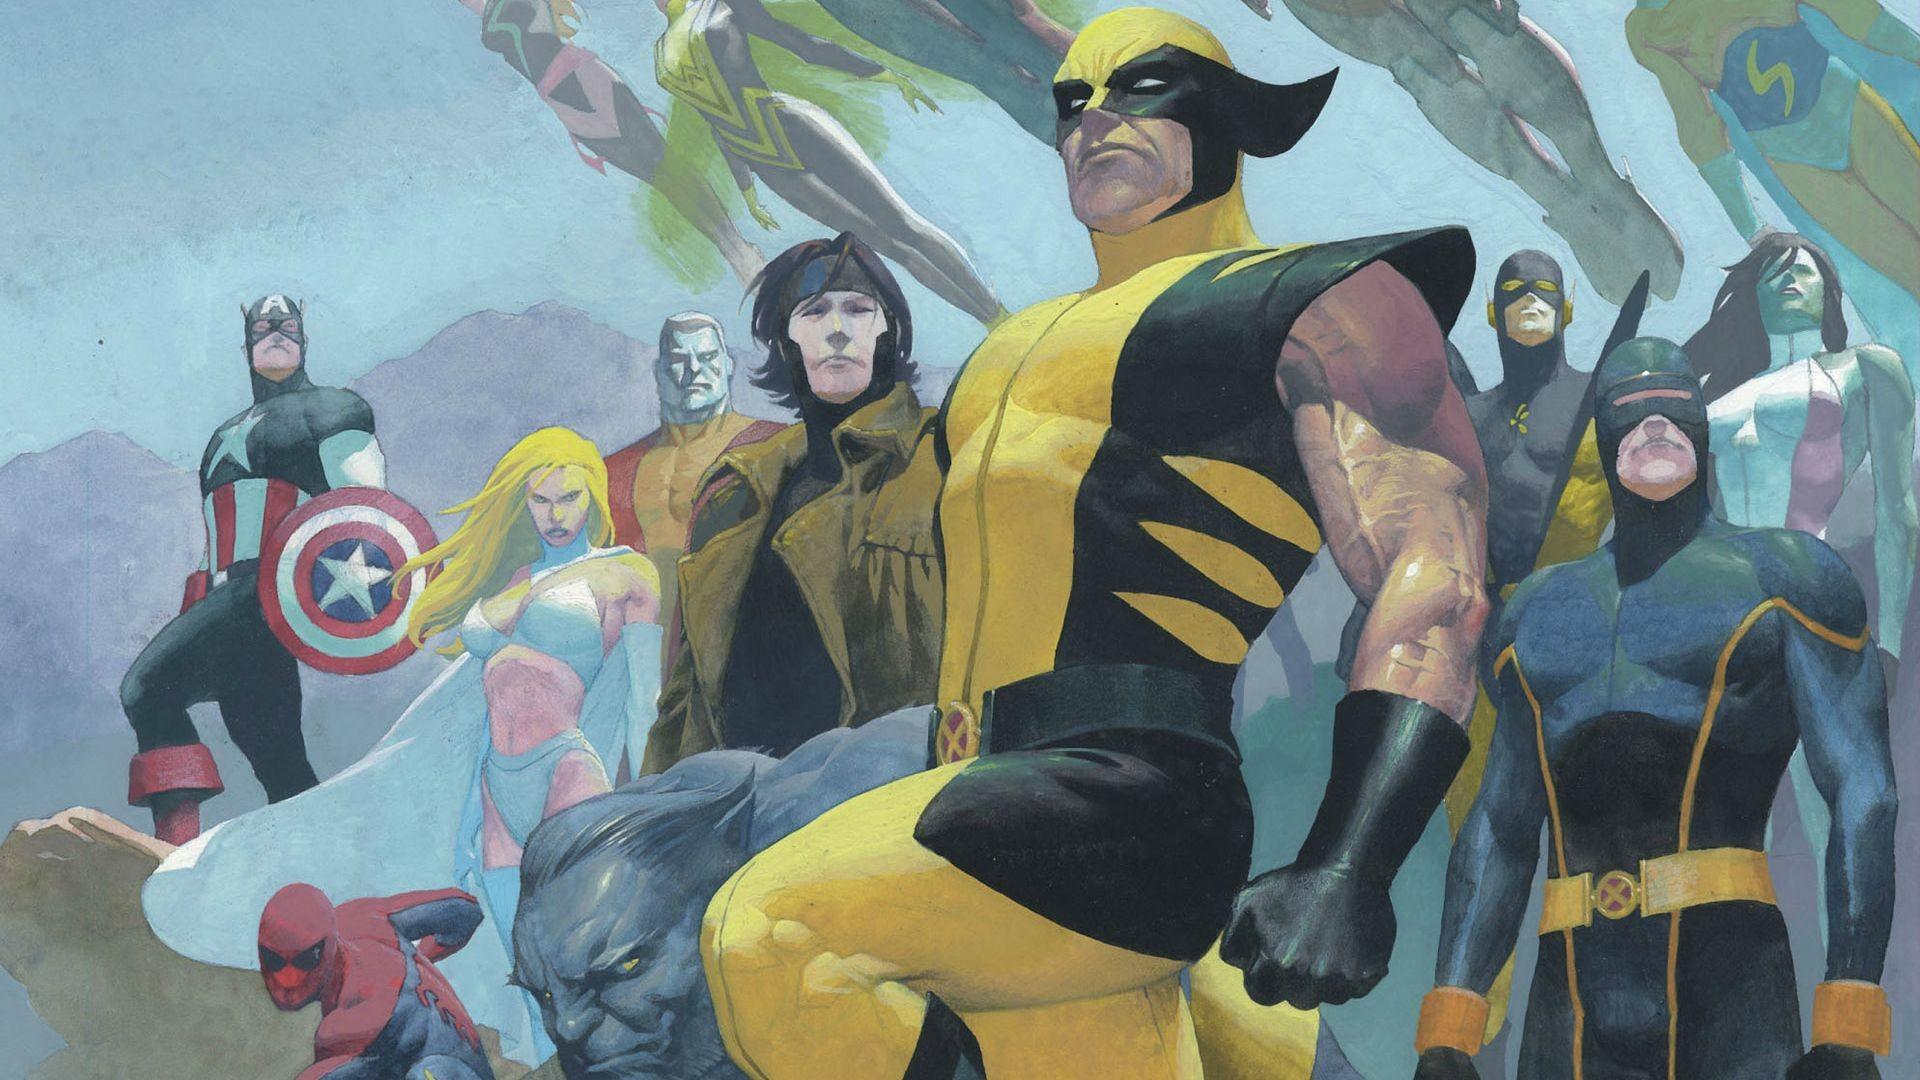 Masaüstü Boyama Illüstrasyon Anime Resim Wolverine Marvel